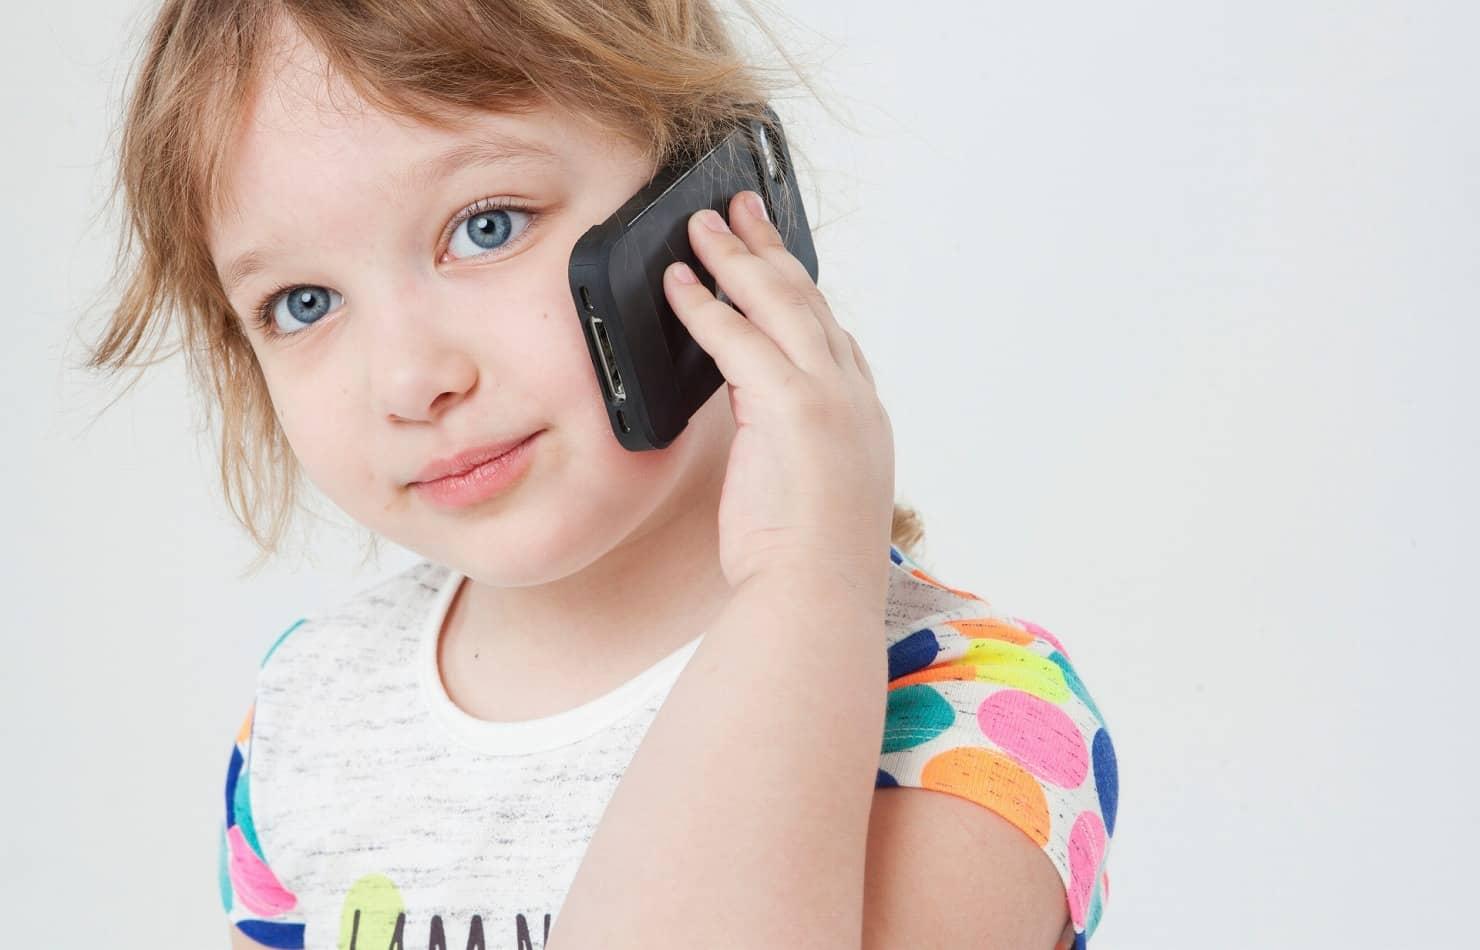 スマホ・携帯電話のおもちゃの選び方とおすすめ13選! ディズニーや写真が撮れる機能も人気